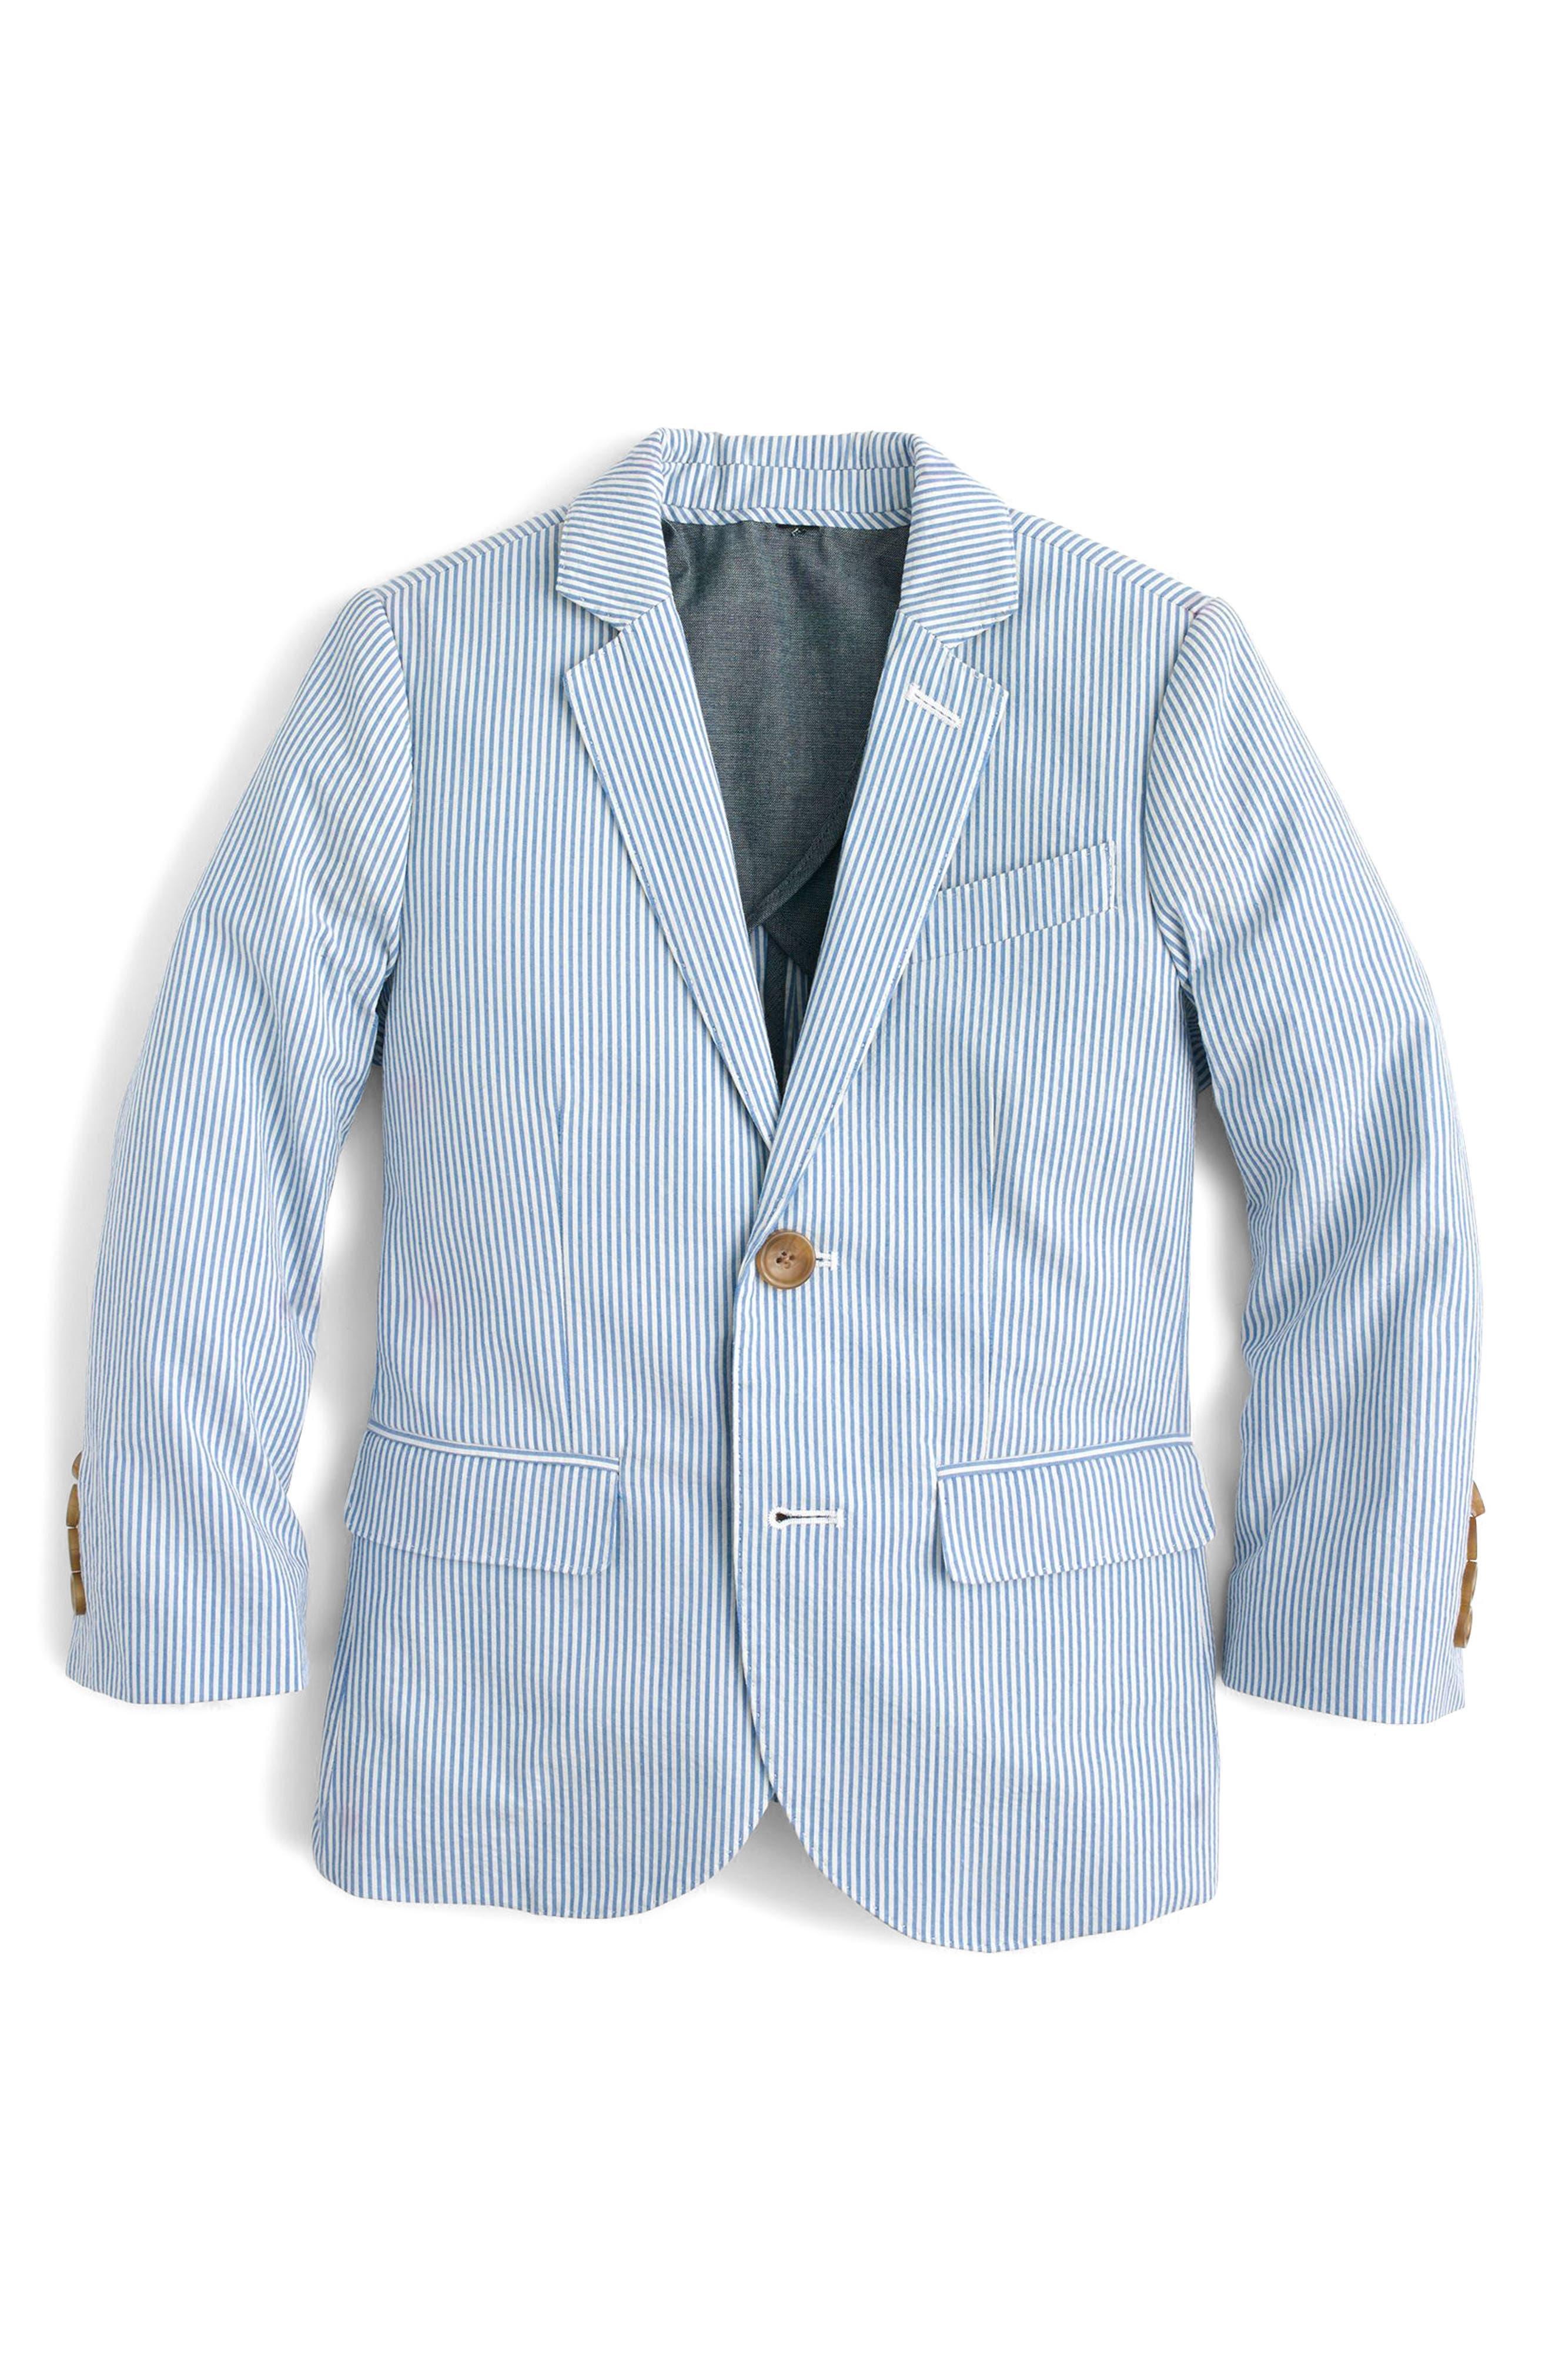 Ludlow Seersucker Suit Jacket,                             Main thumbnail 1, color,                             Crisp Azure White